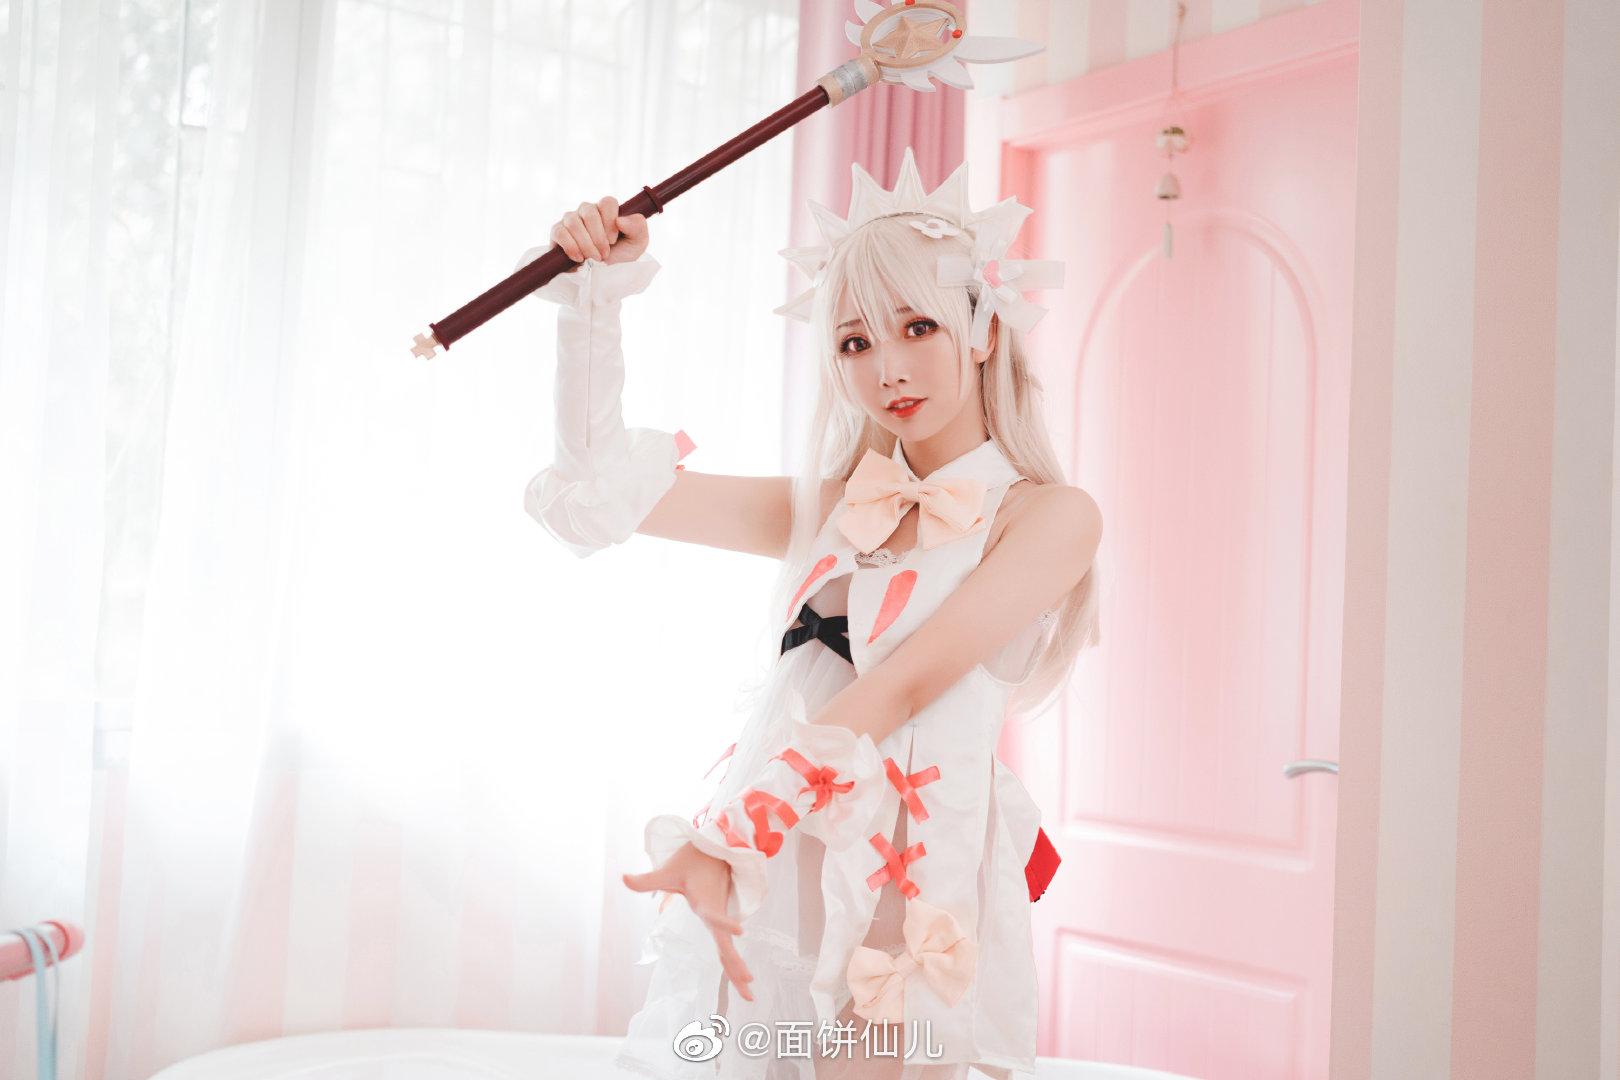 【美图分享】可爱粉色女王殿下制服cos